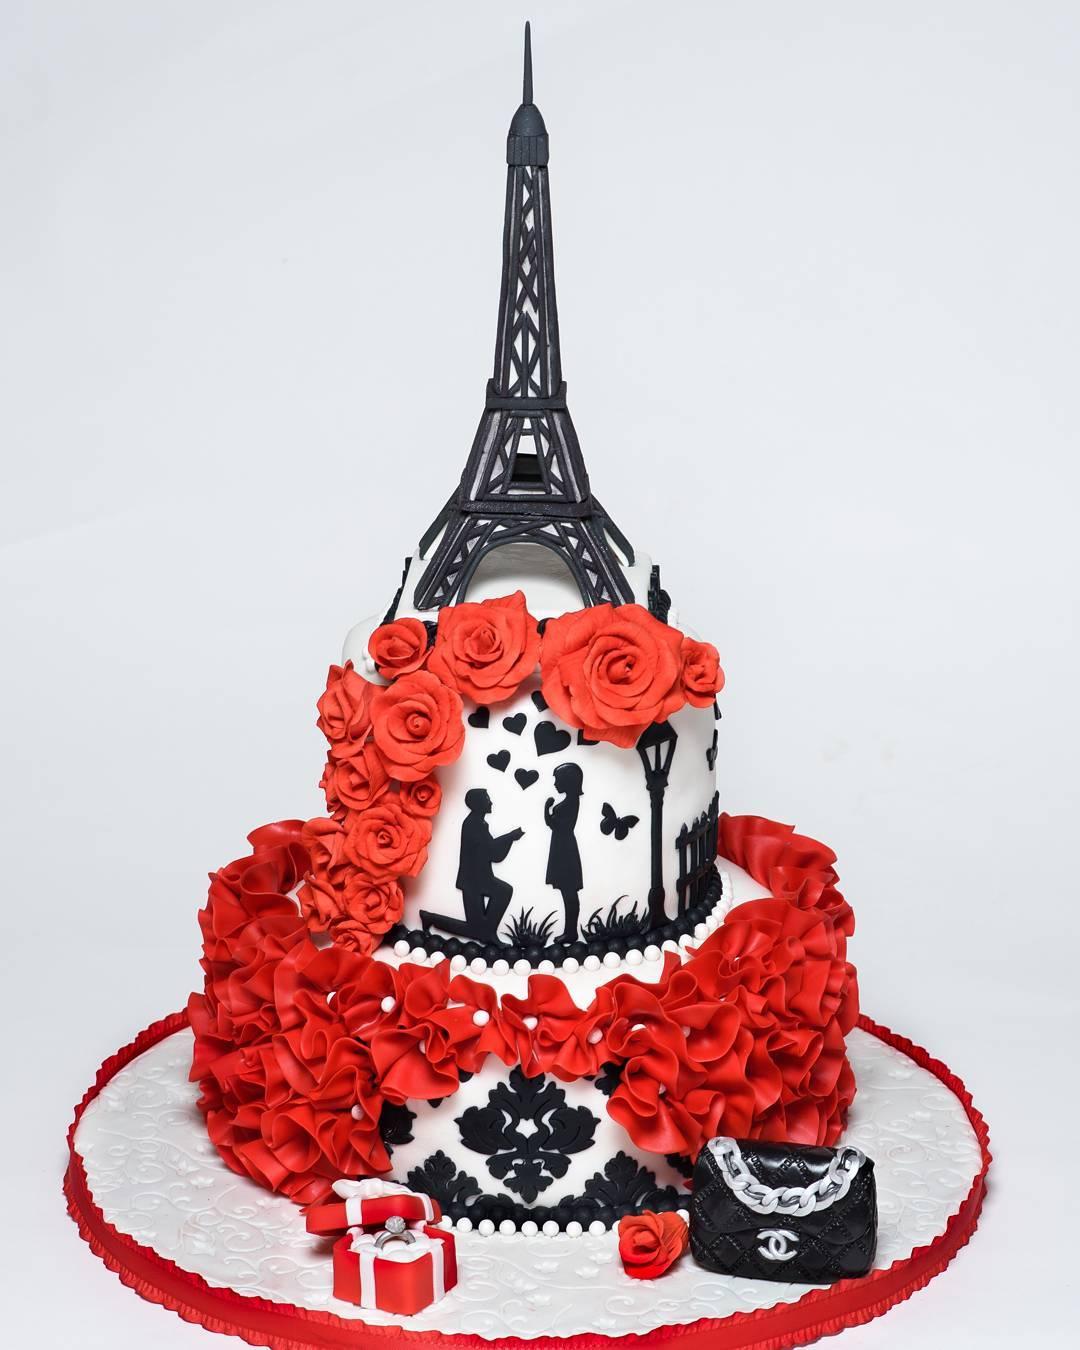 1556186714 OQRVRFCEJY - ایده های جشن تولد و نامزدی ، ایده هایی جذاب برای جشنی به یادماندنی